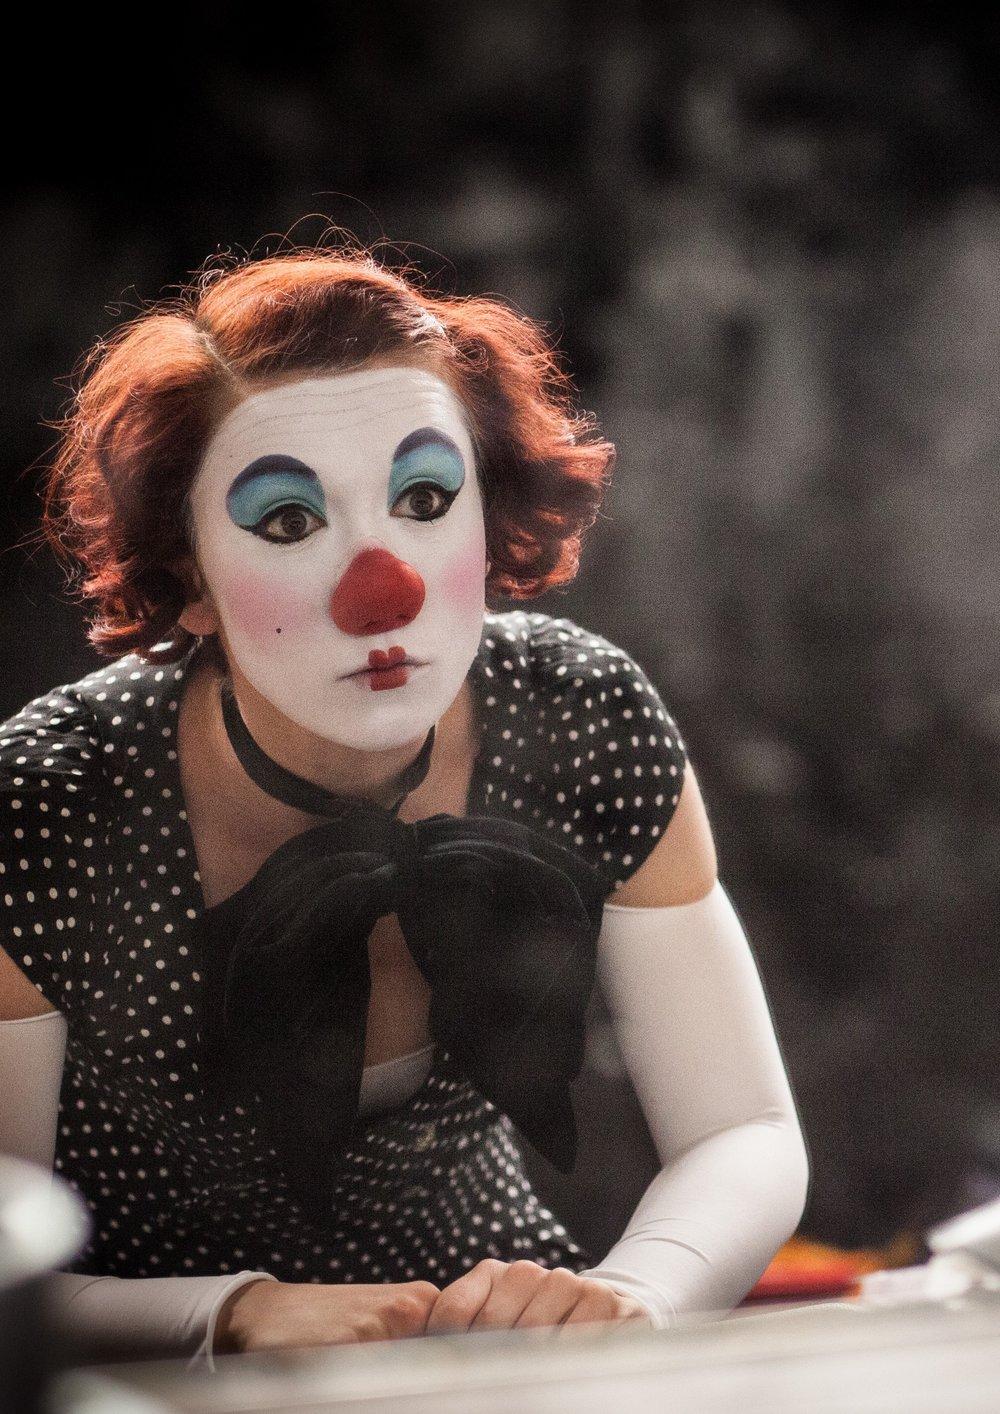 Clown A5-1047.jpg